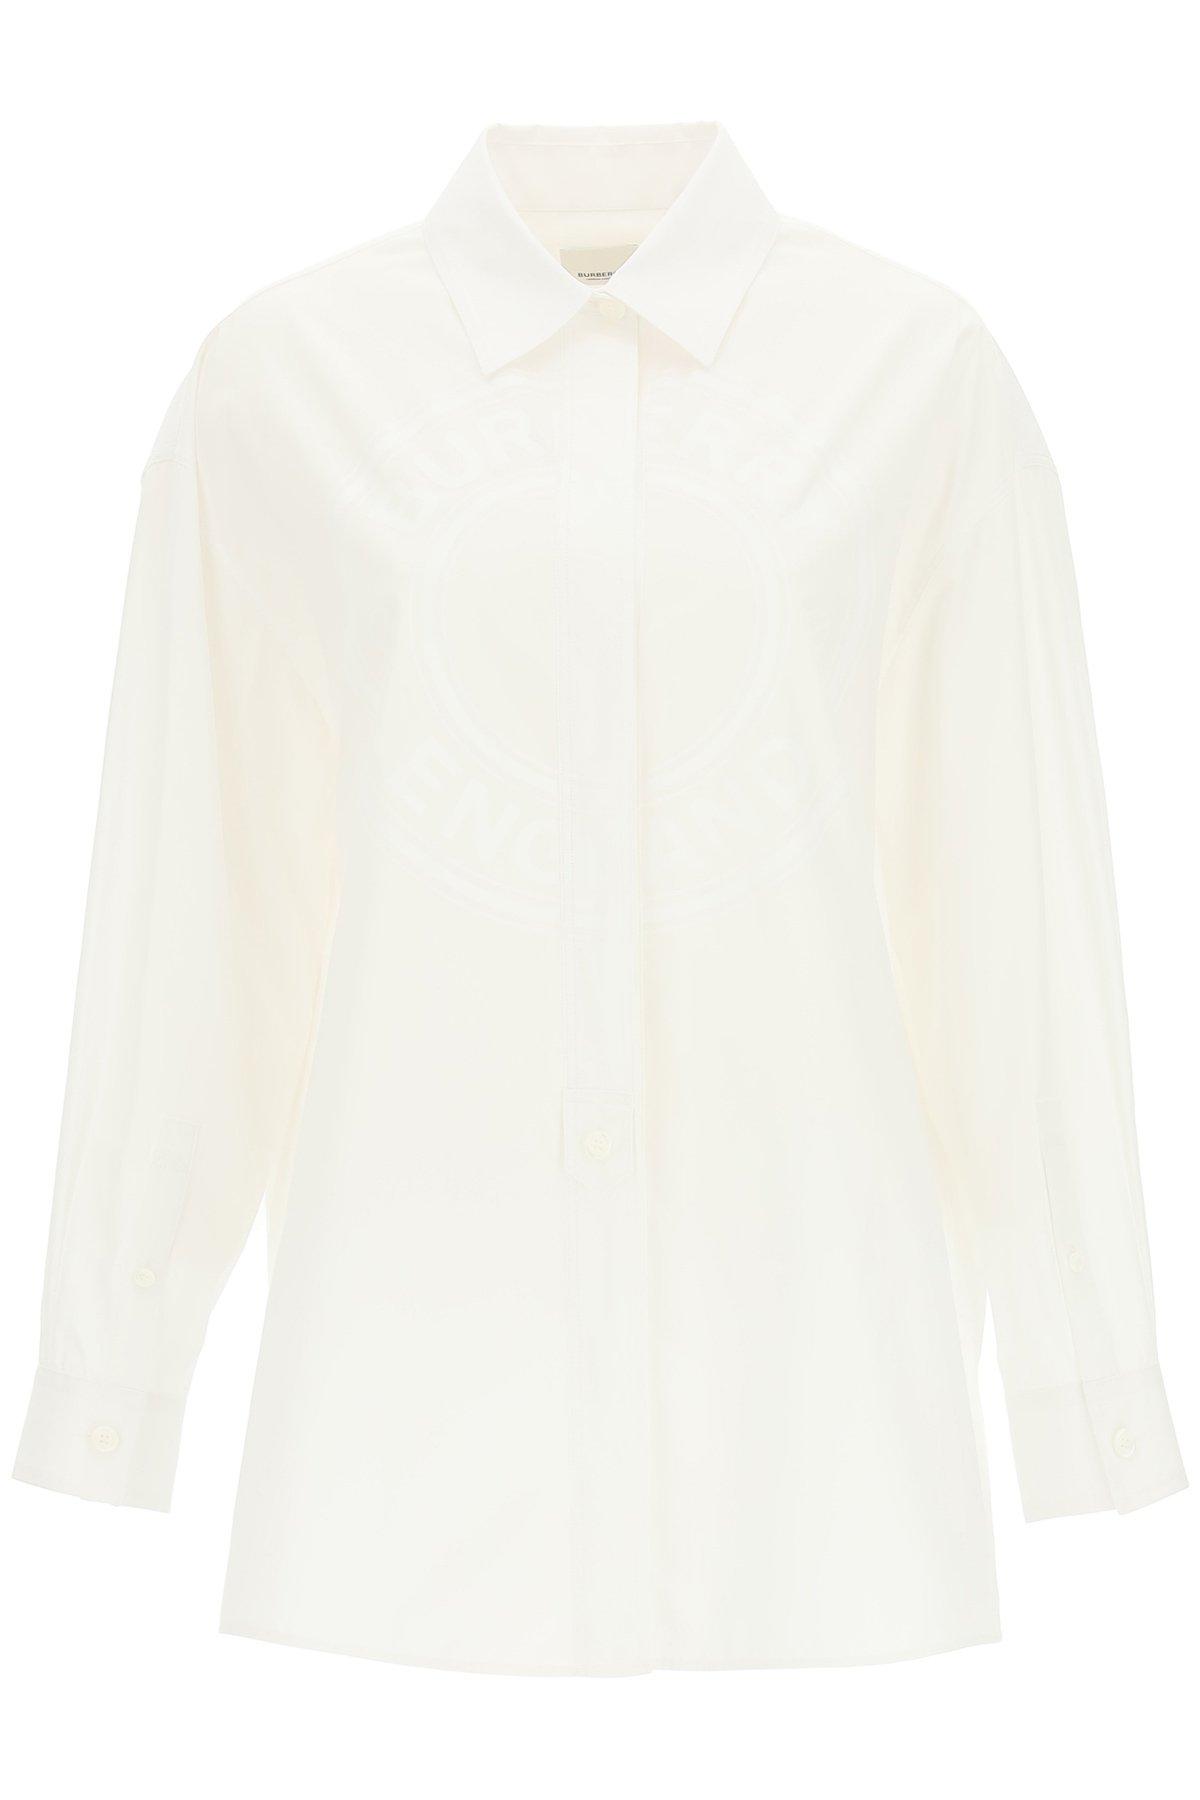 Burberry camicia clarissa con grafica logo